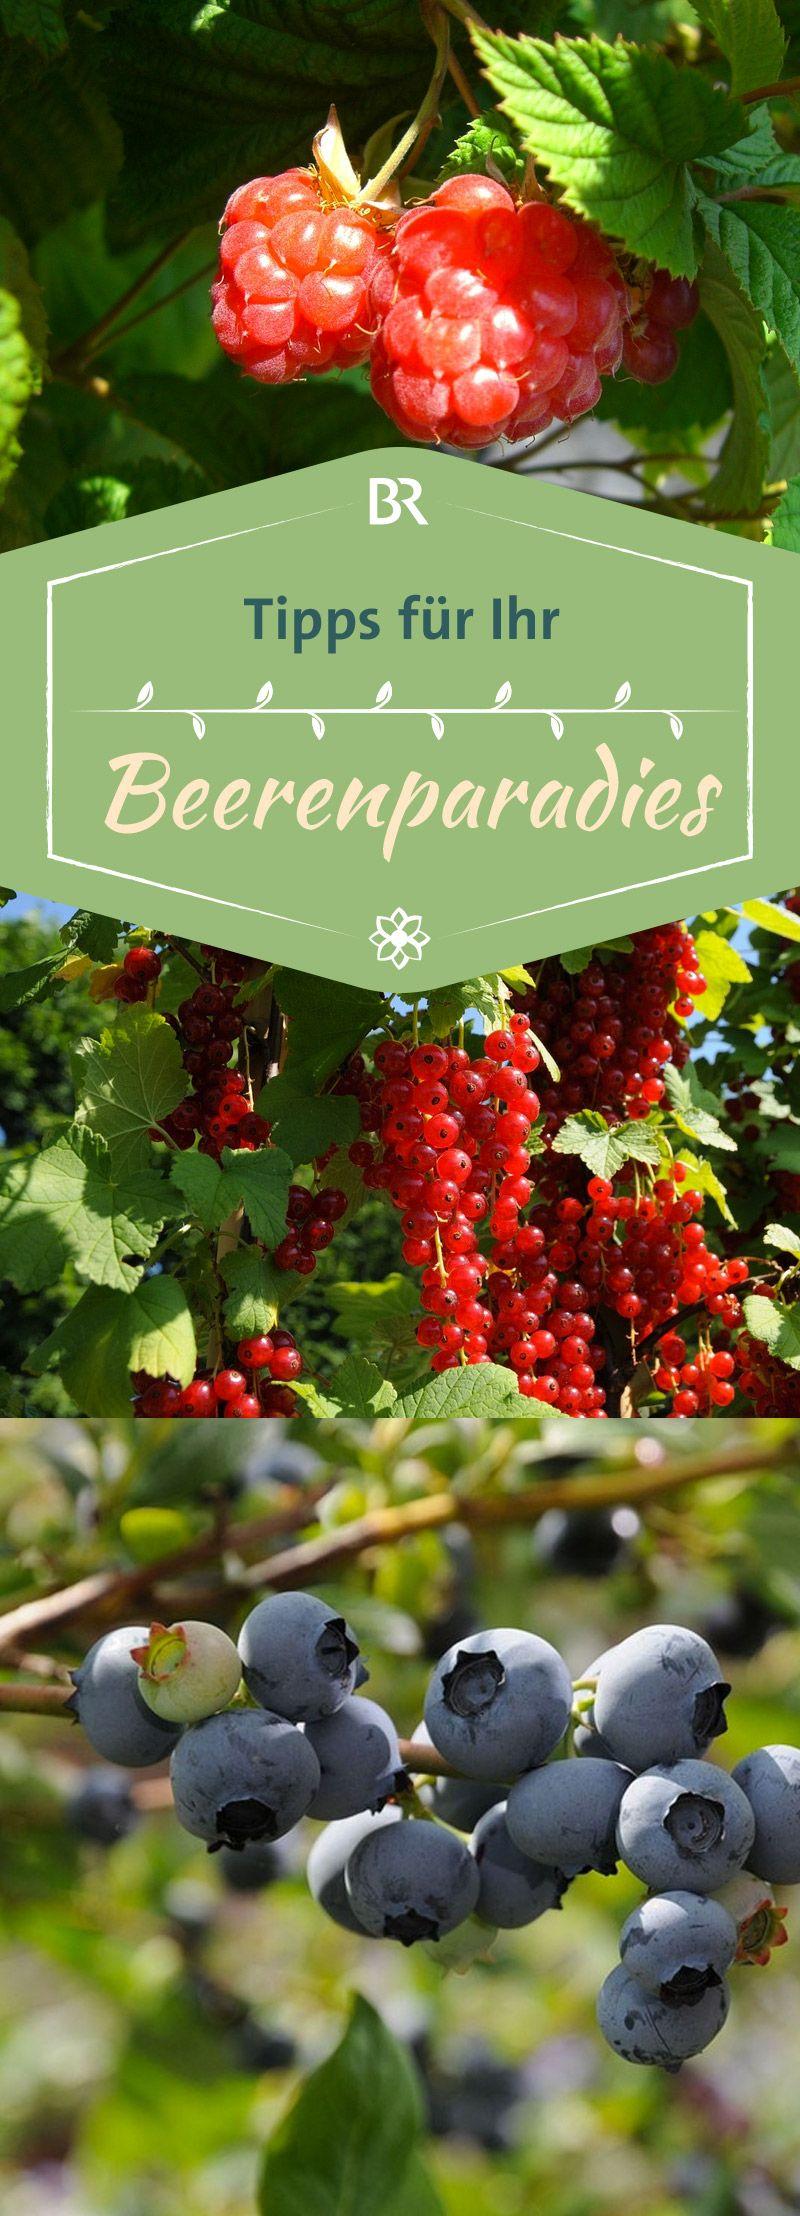 Querbeet-Garten: Querbeet-Garten: Beeriger Naschstreifen | BR.de